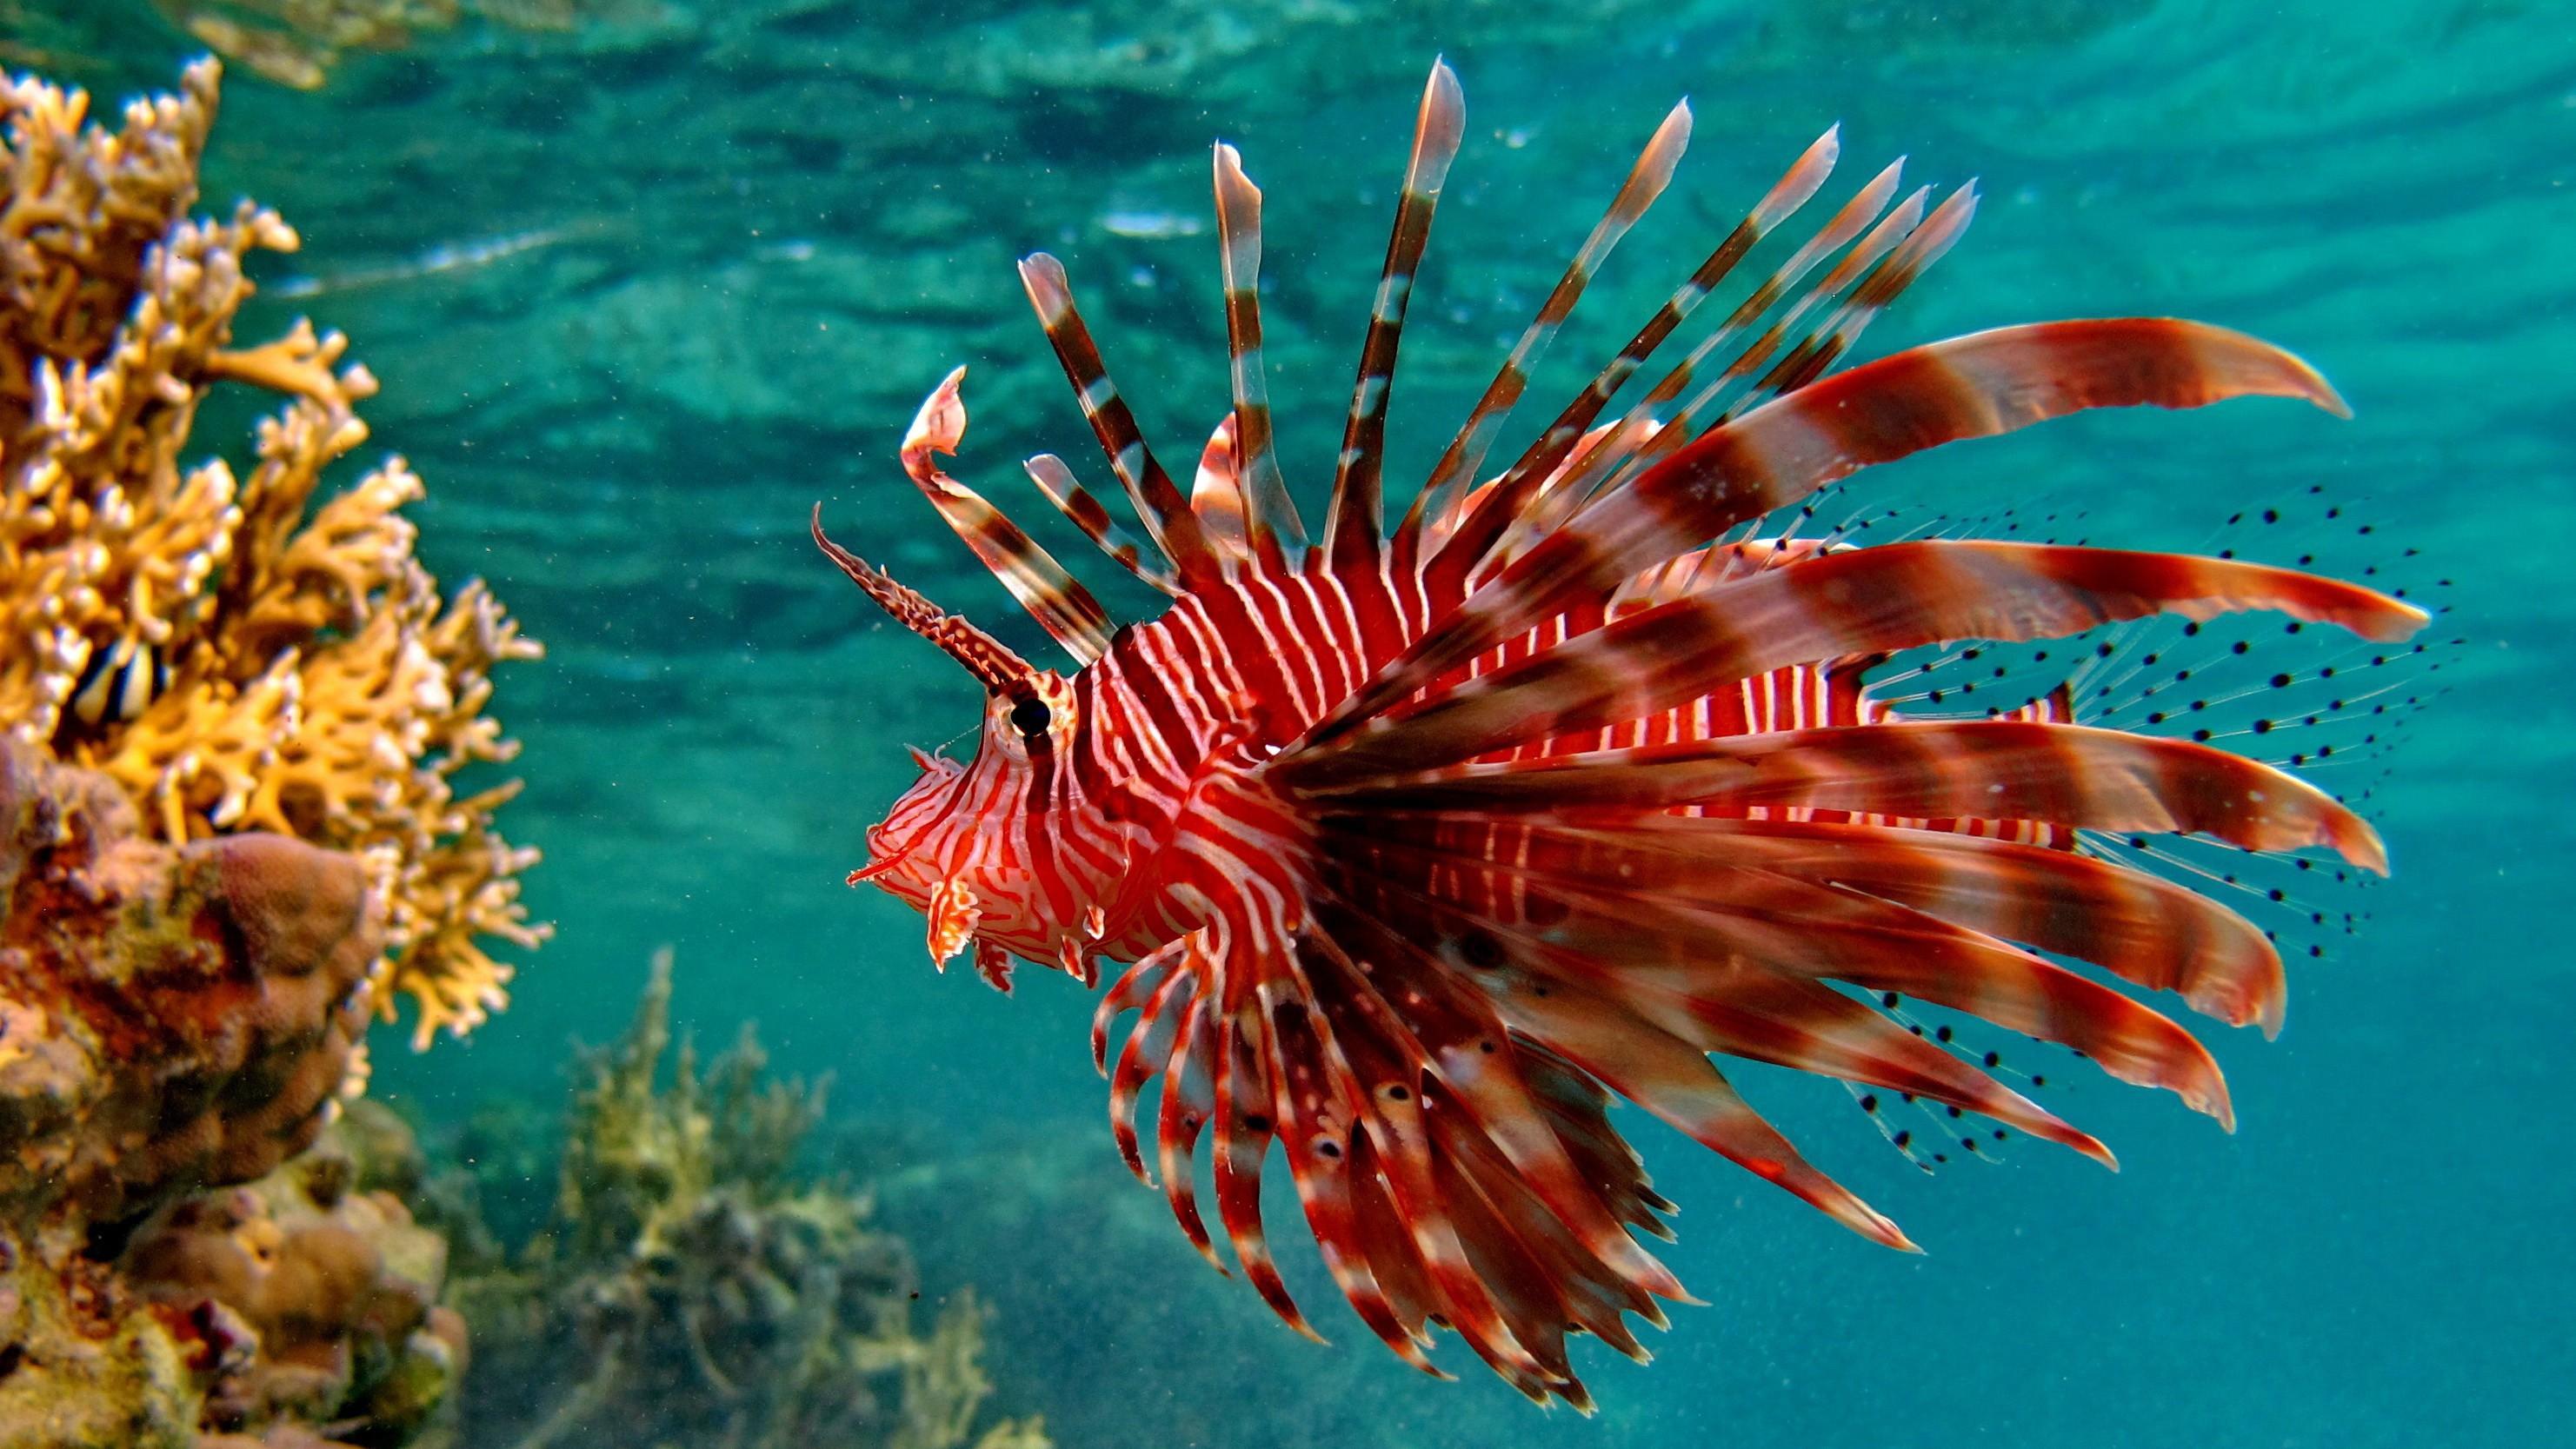 красивые морские рыбы фото